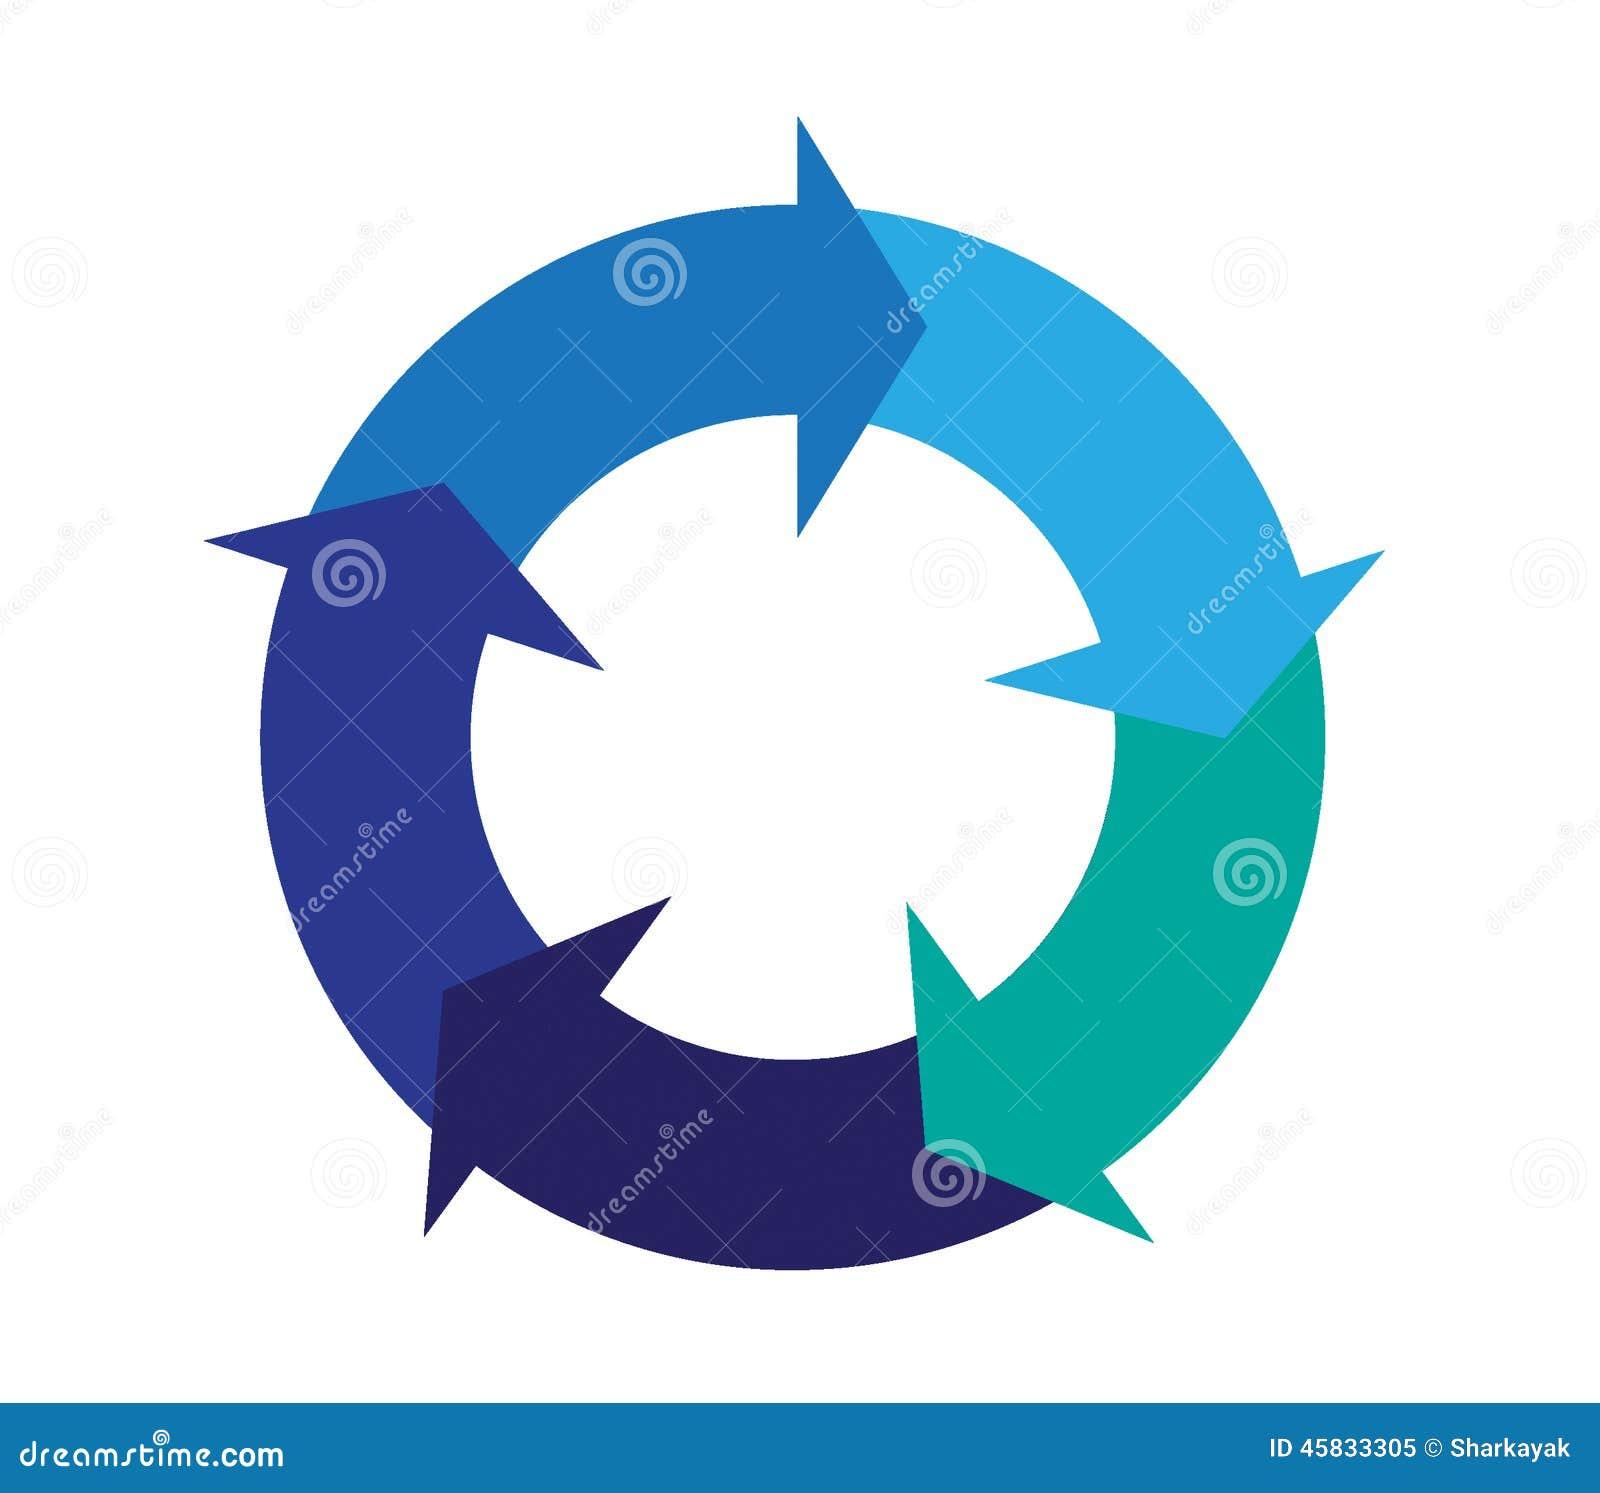 Illustrator Logo Design Settings